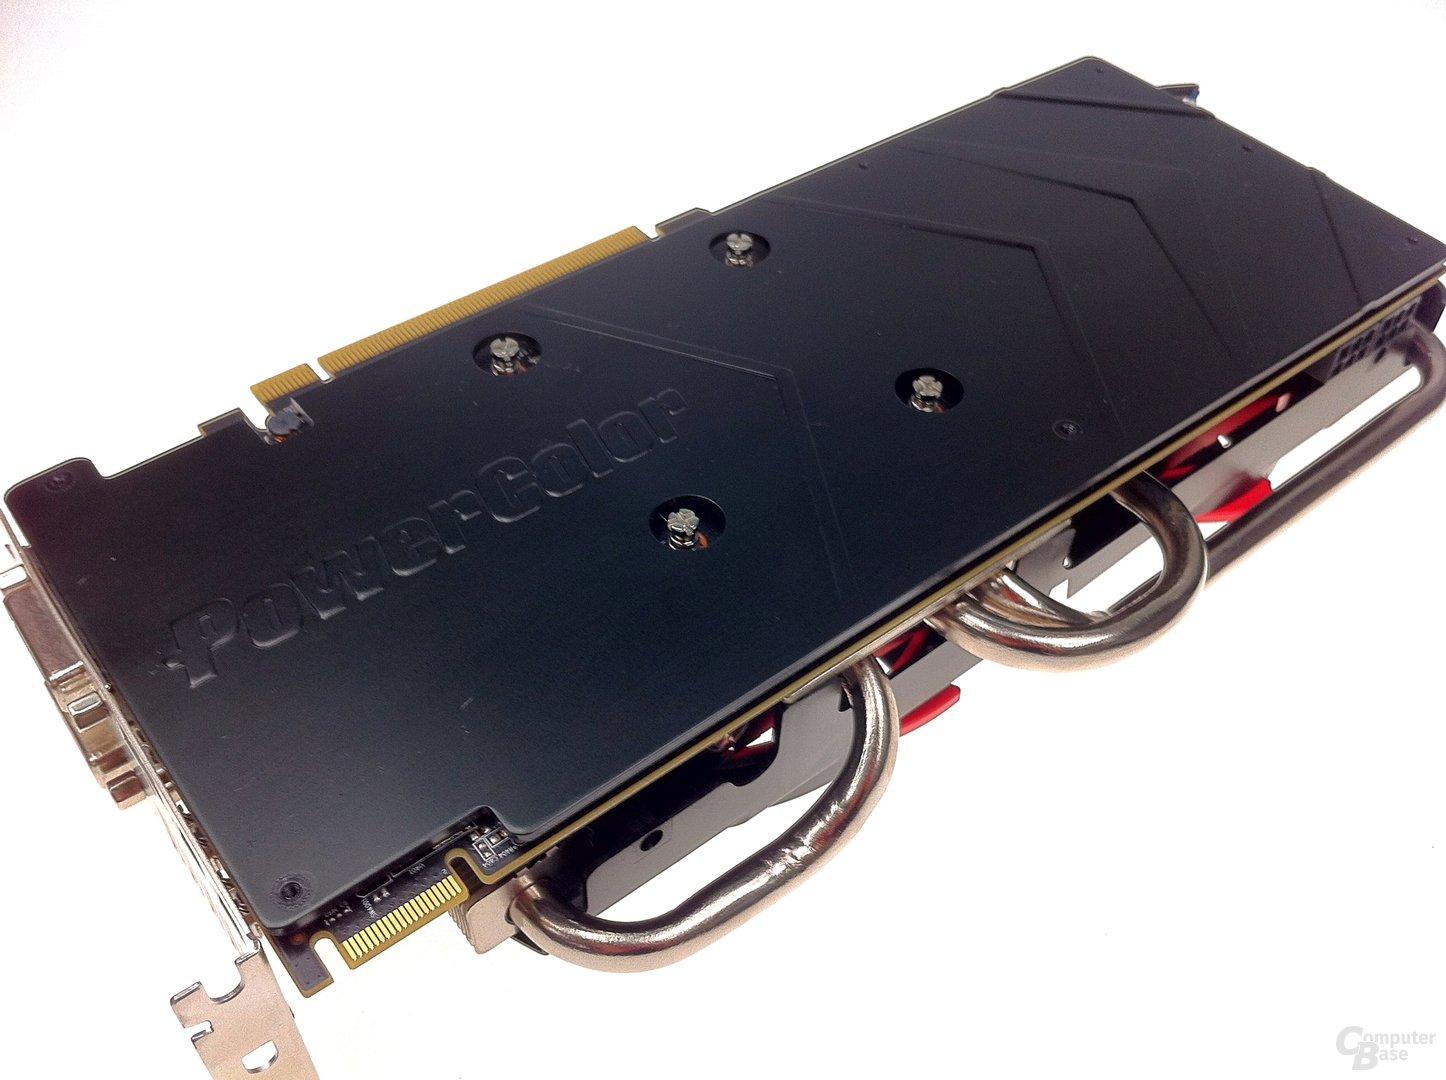 PowerColor Radeon HD 7970 Vortex II